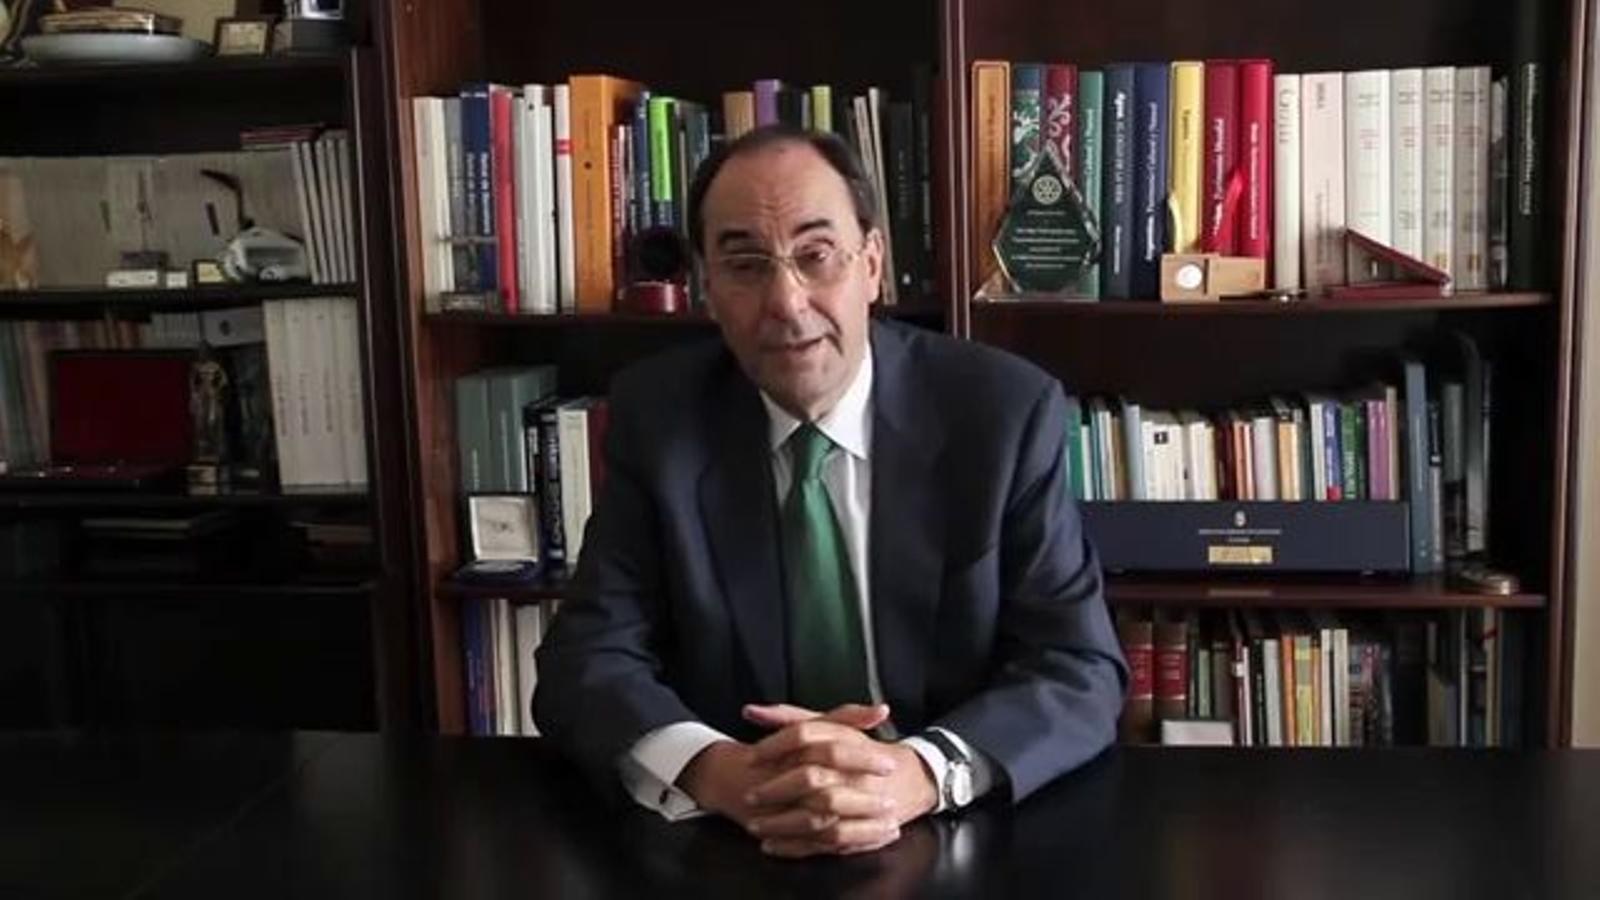 Vidal-Quadras explica per què estripa el carnet de militant del PP